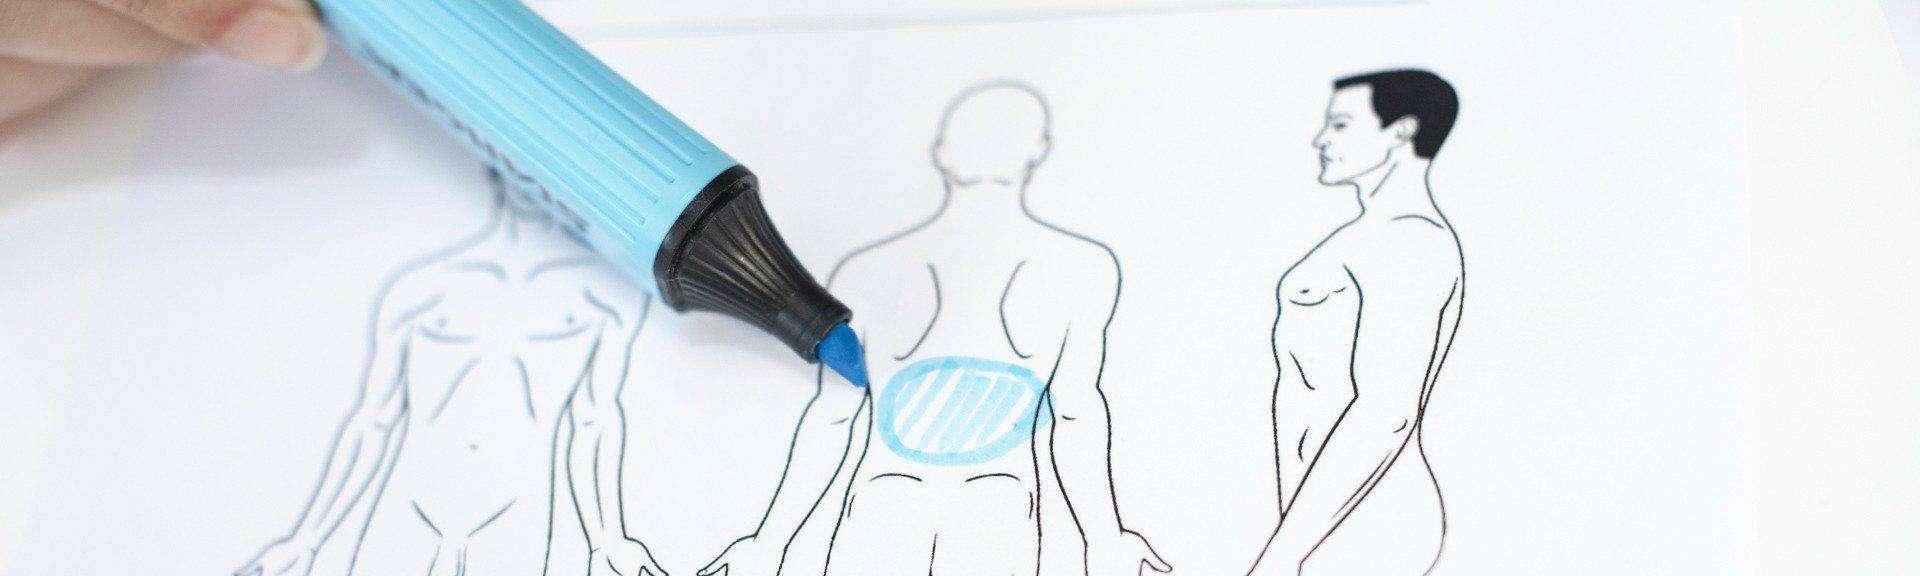 behandelingen - Liposuctie - rug